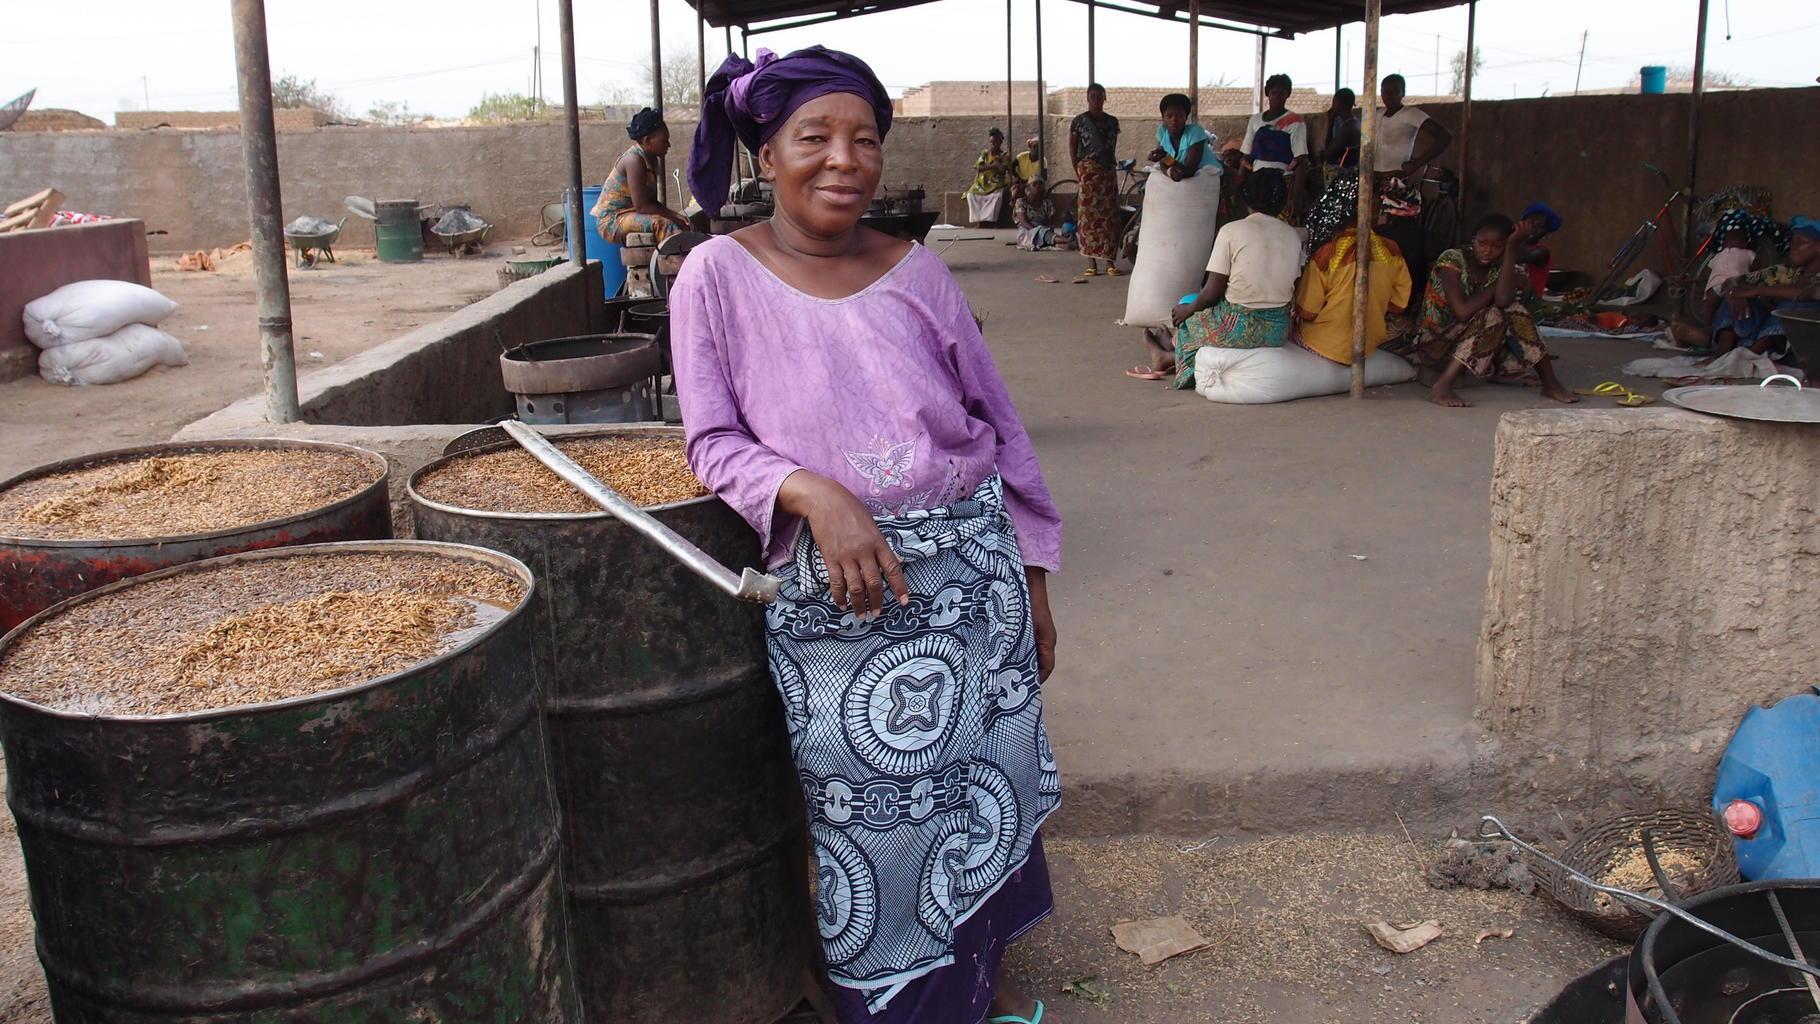 Frau in Burkina Faso in einer lagerhalle für Reis.